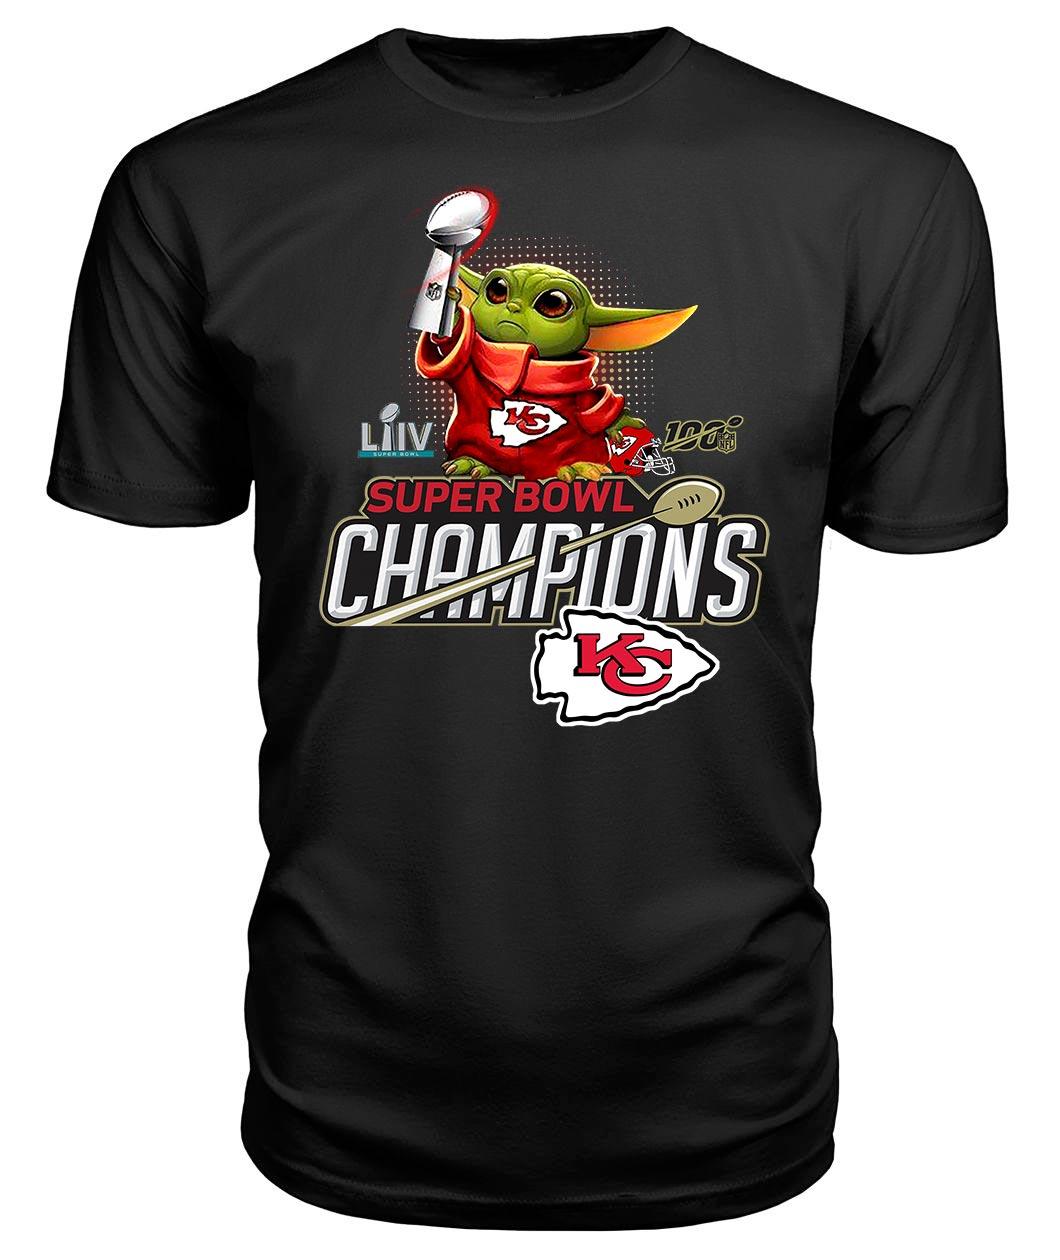 Baby Yoda super bowl champions shirt